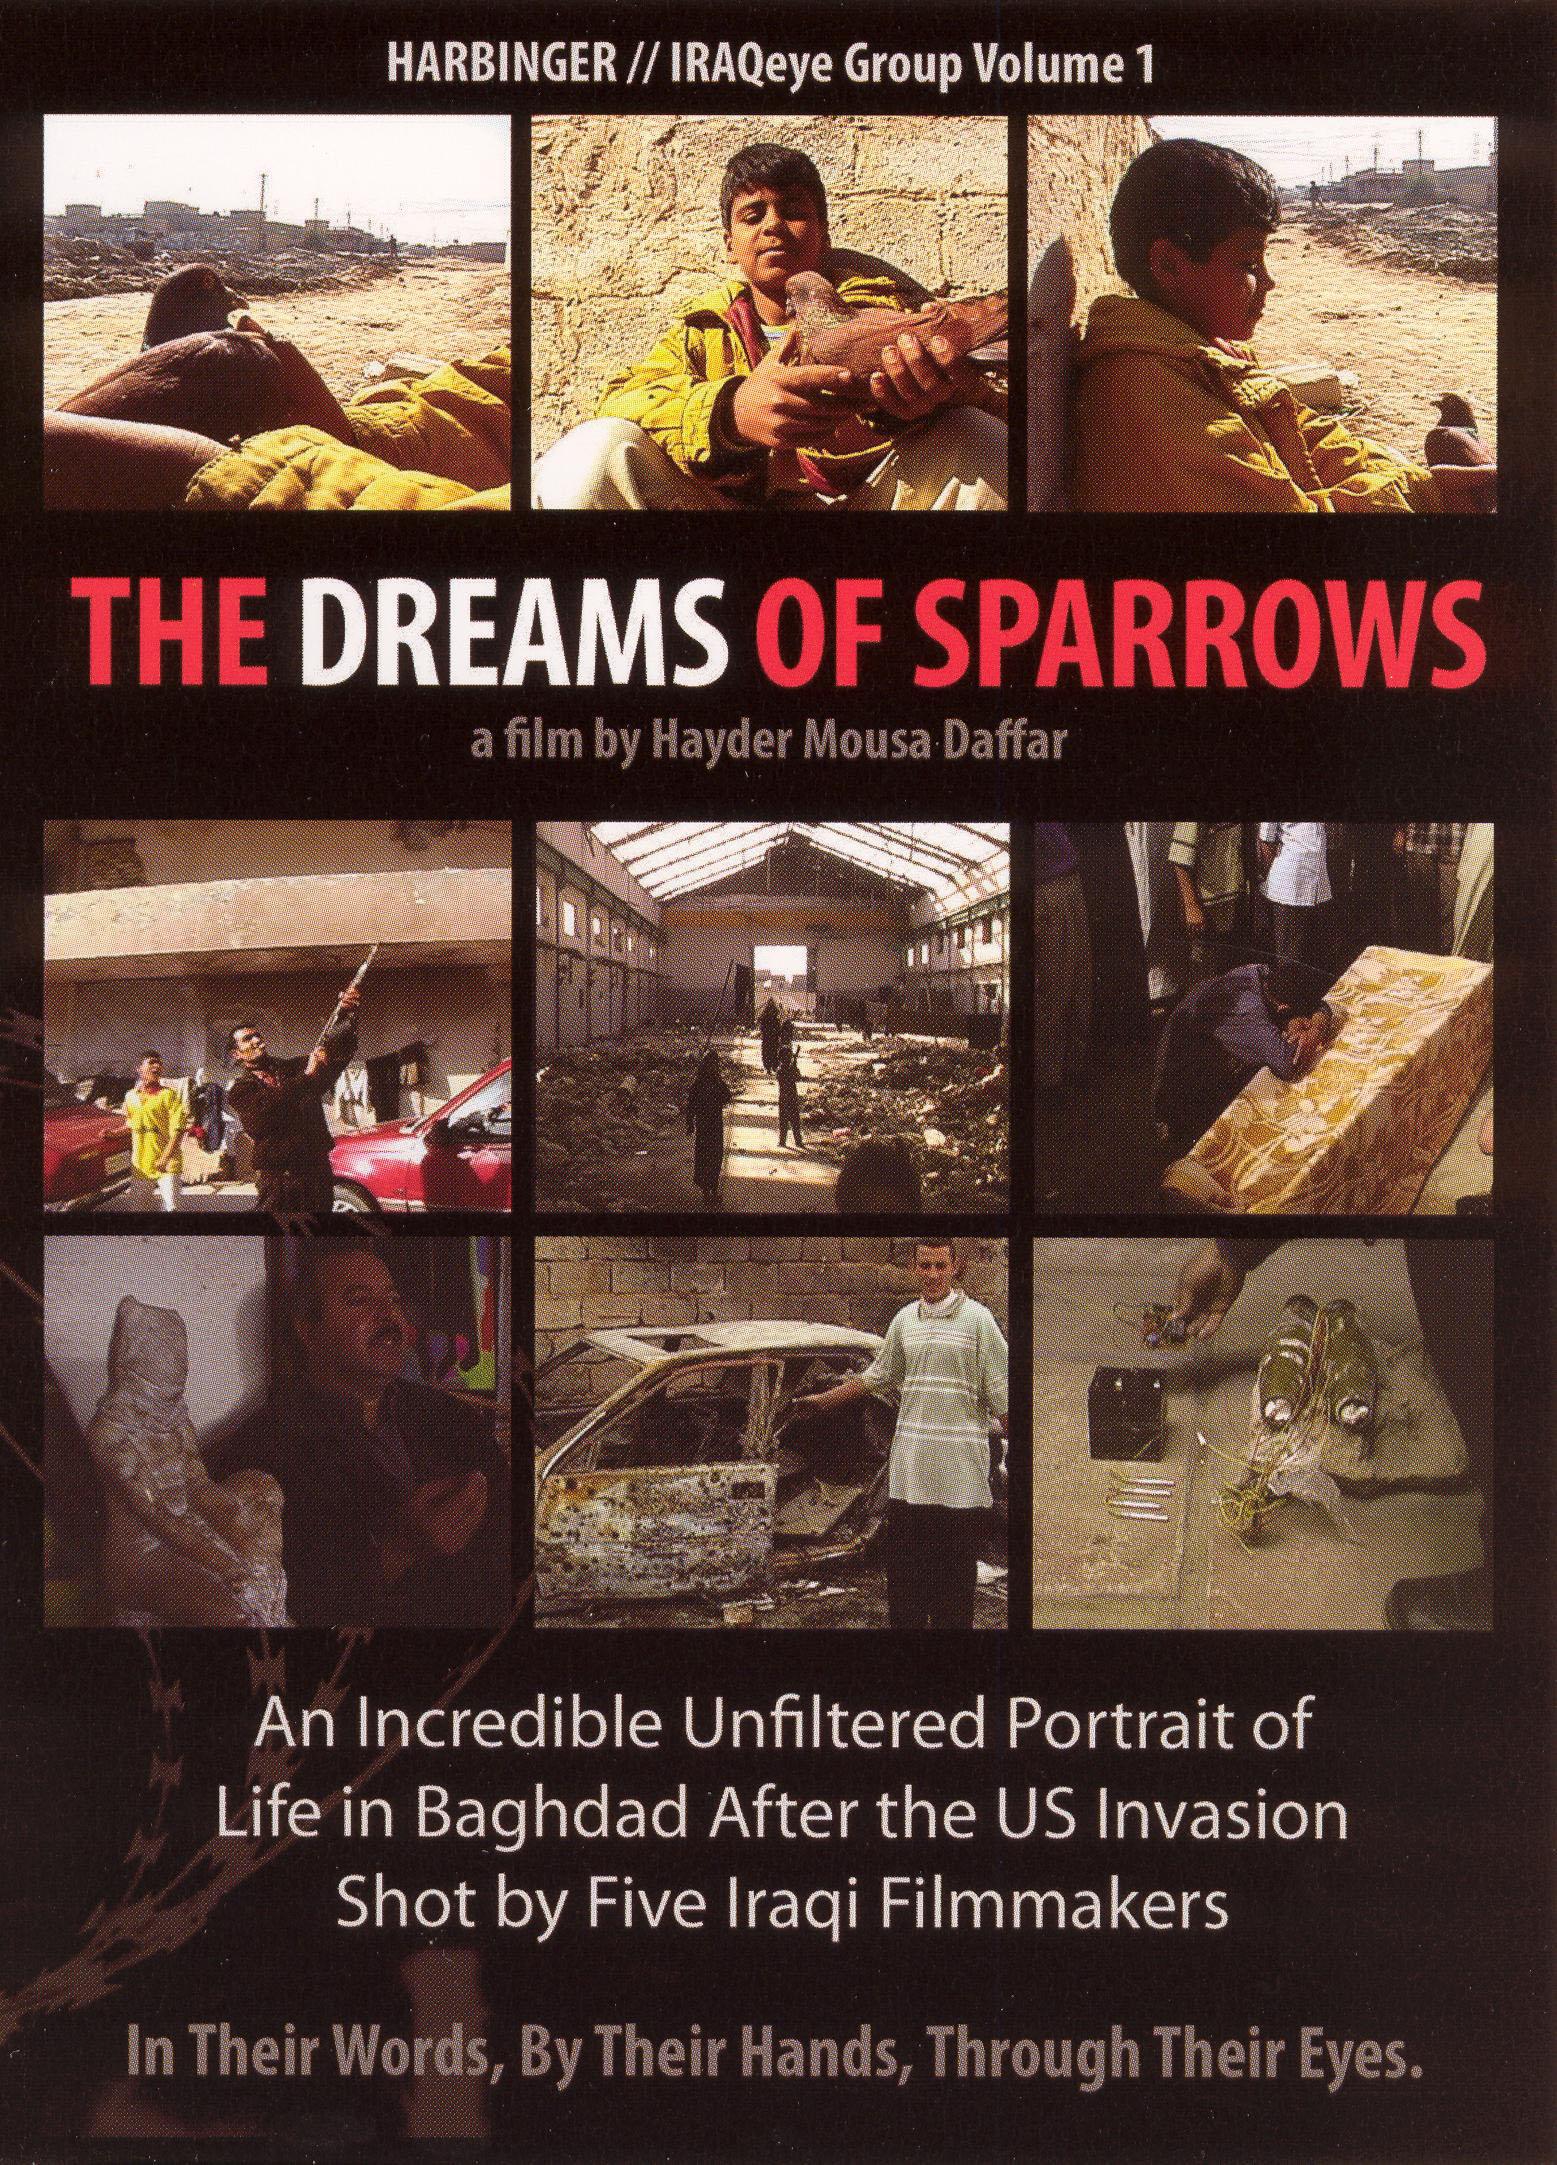 The Dreams of Sparrows